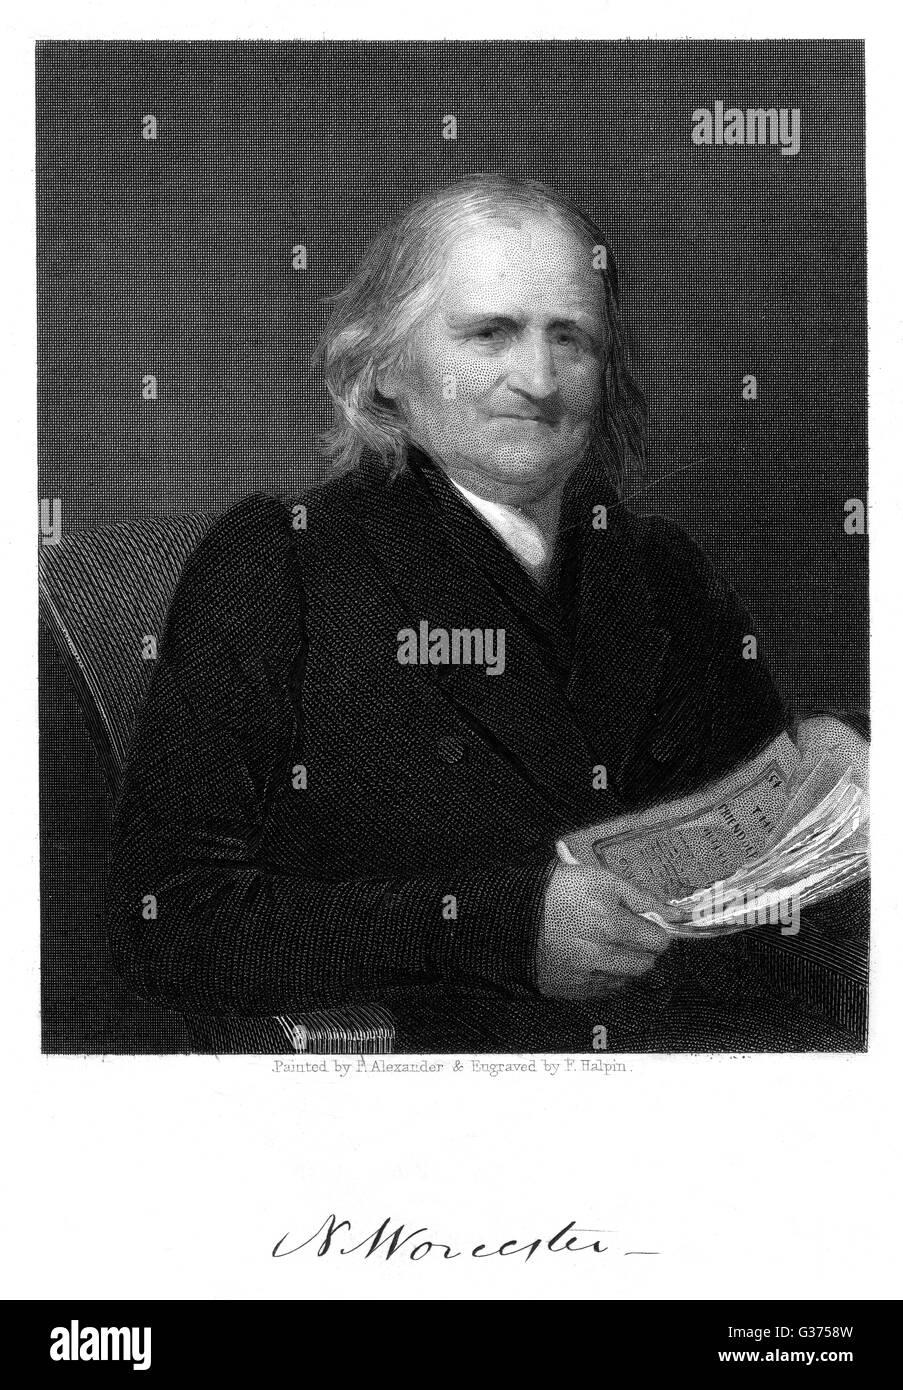 NOAH WORCESTER teólogo y pacifista americana con su autógrafo Fecha: 1758 - 1837 Imagen De Stock